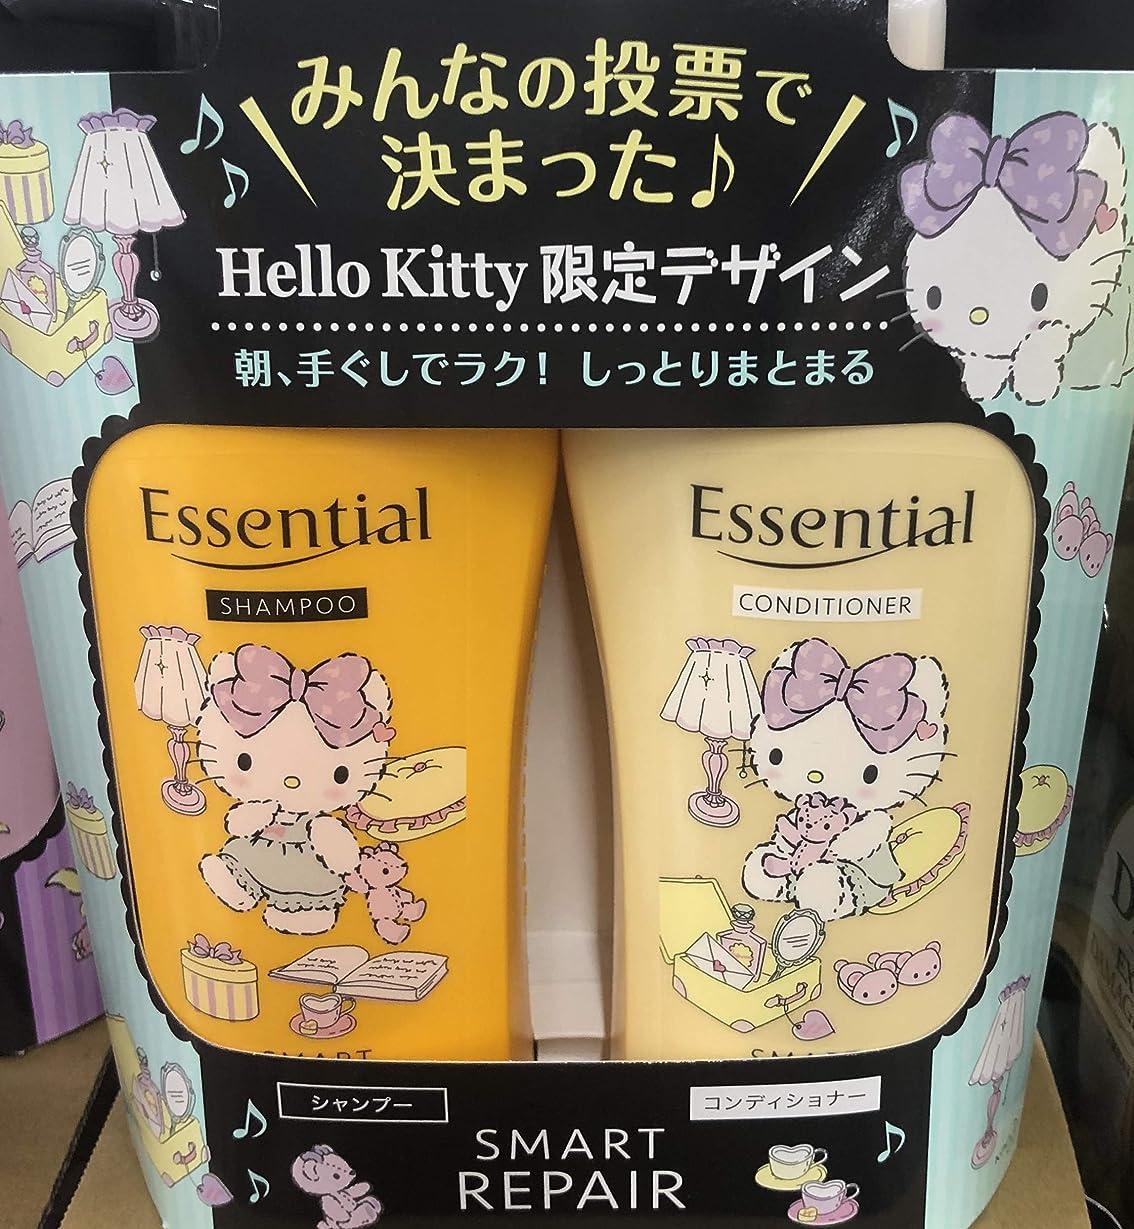 会計士ピック柱Essntial エッセンシャルヘアシャンプー480ml&コンディショナー480ml【SMART REPAIR】スマートリペア ハローキティ 限定パッケージ Hello Kitty